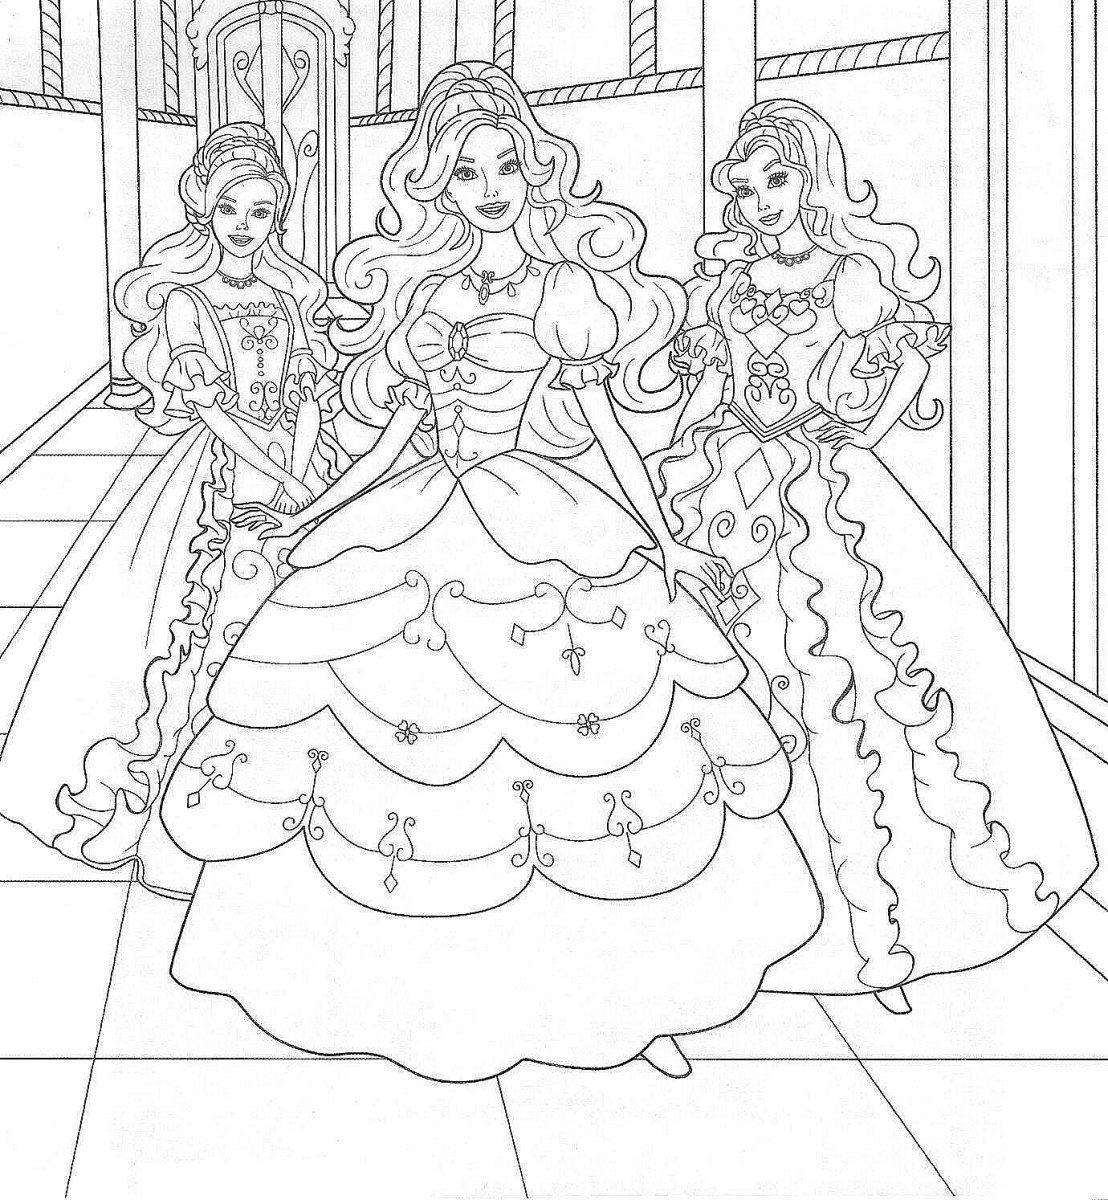 desenhos-para-colorir-da-barbie-princesa-e-suas-amigas